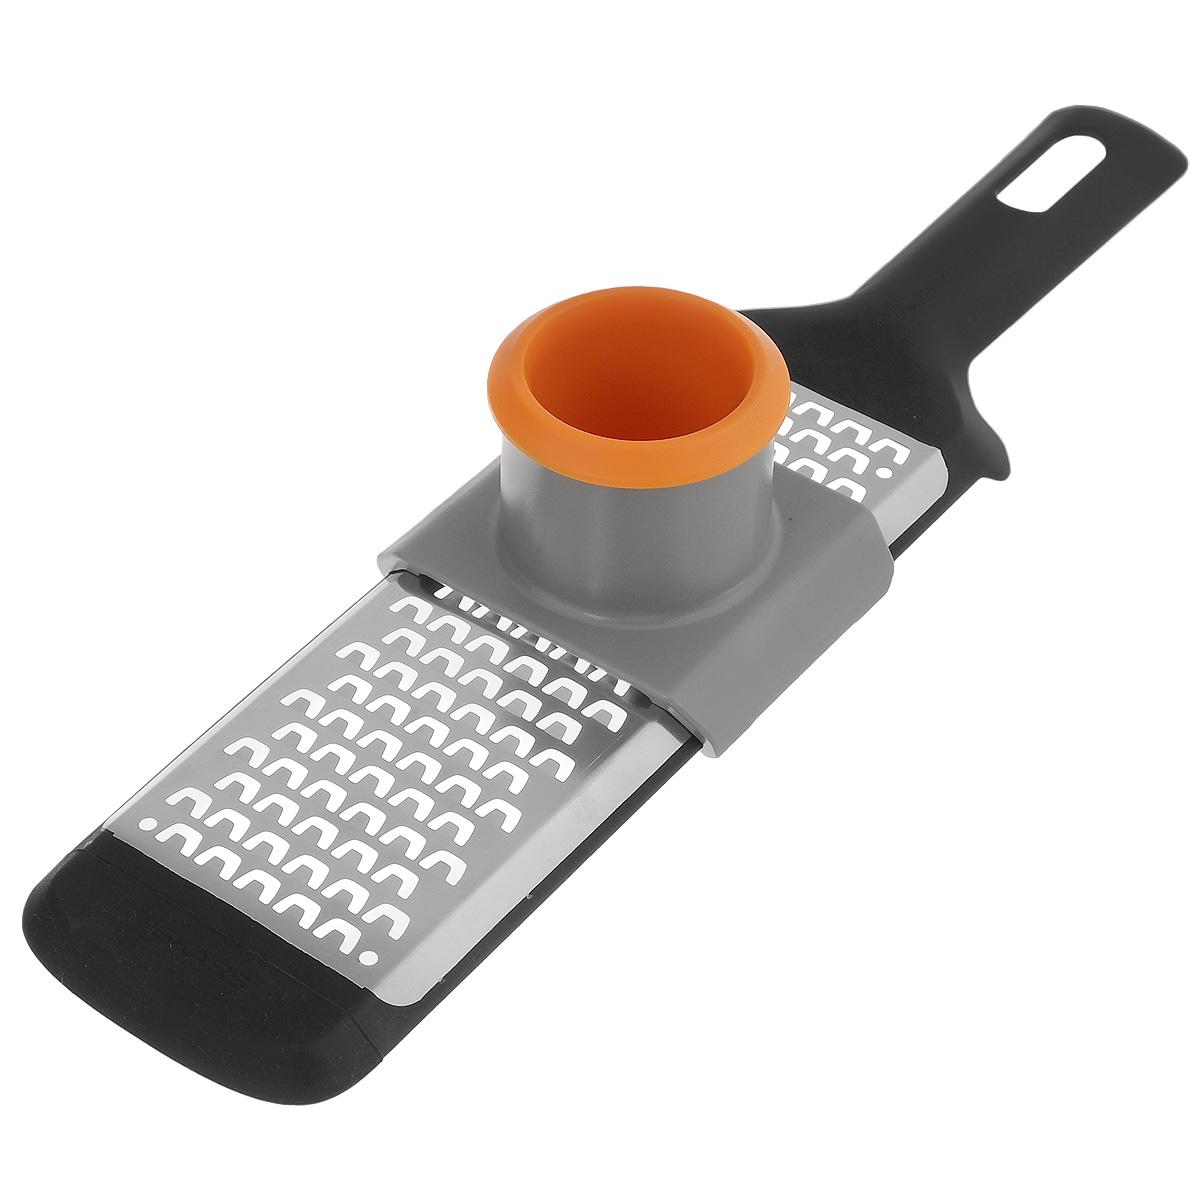 Терка крупная Fiskars с предохранителем для пальцев, 32 см х 7 см115510Терка Fiskars изготовлена из пластика и нержавеющей стали. Оснащена крупными лезвиями для натирания моркови, картофеля, сыра, яблок и многое другое.Изделие имеет удобную ручку с отверстием для подвешивания на крючок.В комплекте - пластиковый предохранитель для пальцев, делающий процесс натирания безопасным. Размер терки (с учетом ручки): 32 см х 7 см х 1,5 см. Размер рабочей поверхности терки: 17 см х 6 см. Размер предохранителя: 8 см х 7 см х 5,7 см.